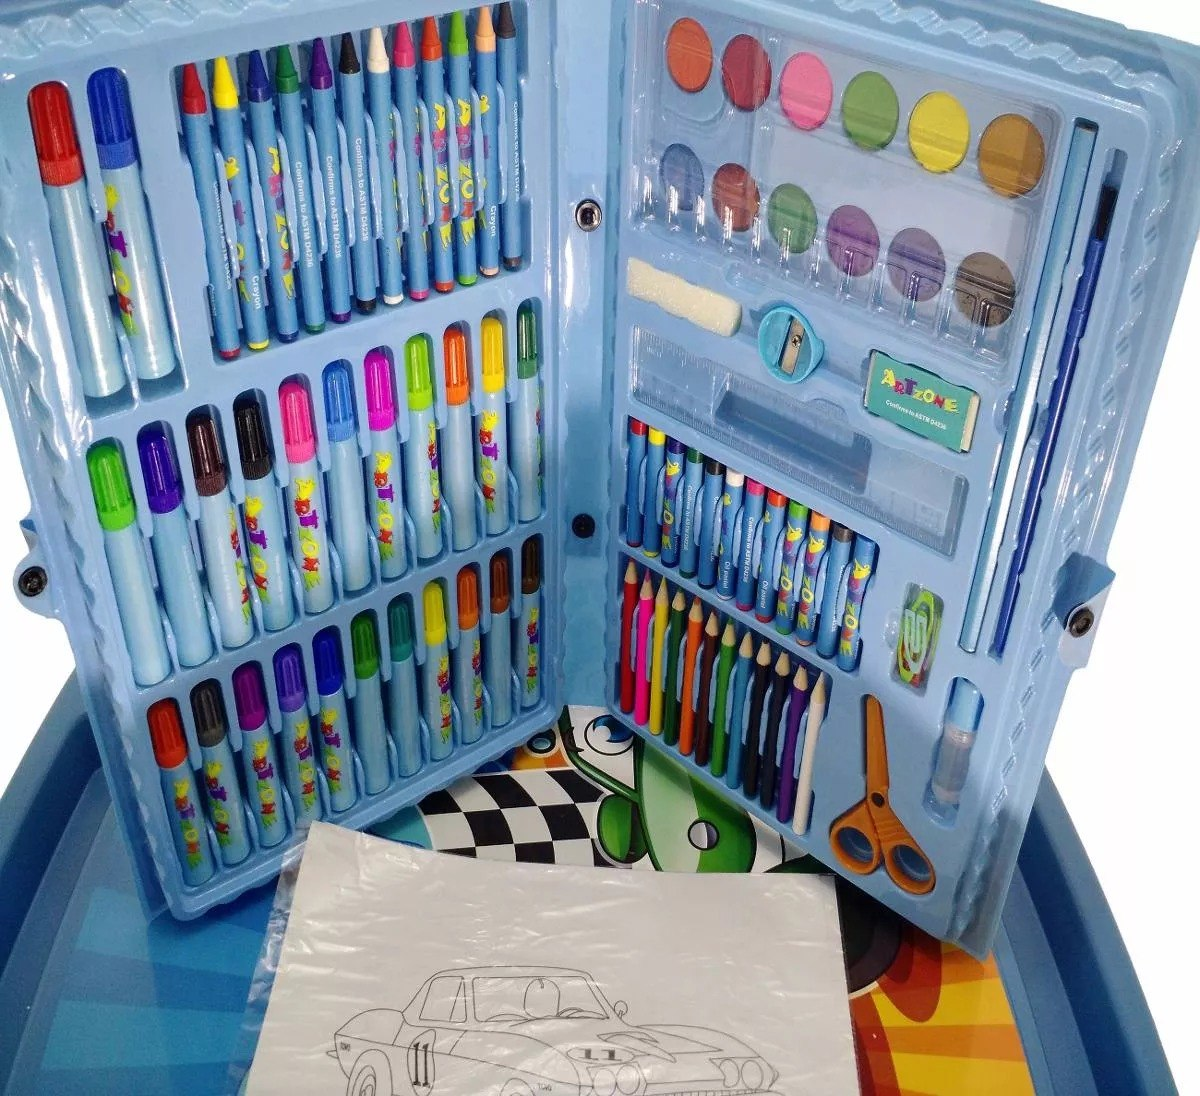 Estojo De Desenho Infantil Canetas Coloridas Escola Crianca R